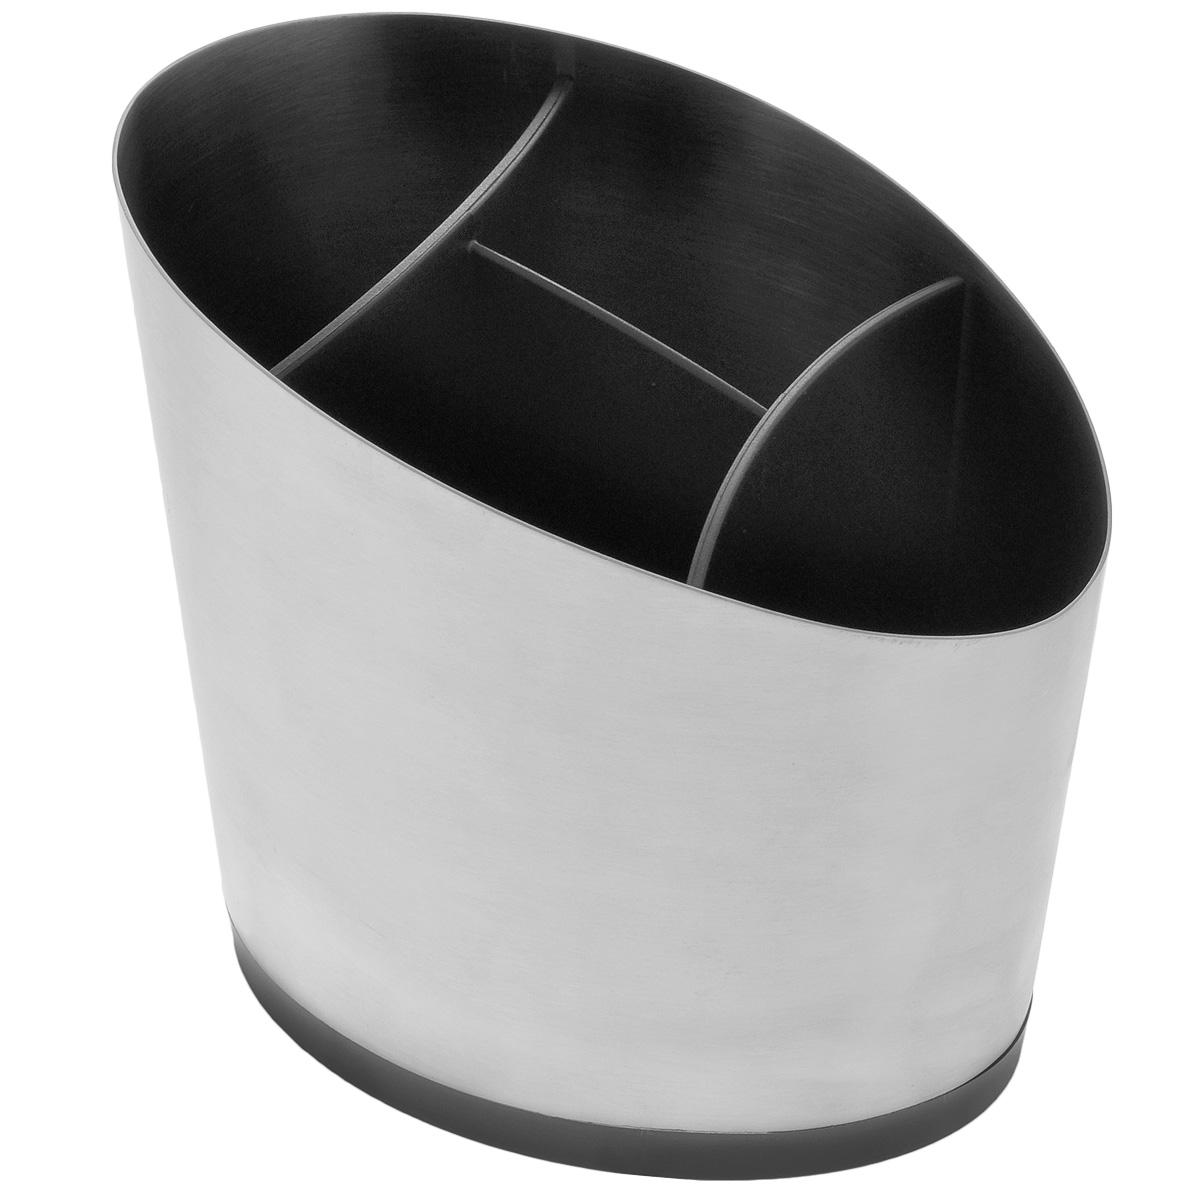 Сушилка для кухонной утвари Tescoma President21395599Роскошная сушилка для кухонной утвари Tescoma President подходит для сушки и хранения кухонной утвари, столовых приборов и т.д. Изготовлена из высококачественной нержавеющей стали с матовой полировкой и прочной пластмассы. Пластиковый вкладыш содержит 4 секции для удобного раздельного хранения, дно оснащено специальными отверстиями, через которые вода стекает вниз. Разборная конструкция для легкой очистки. Можно мыть в посудомоечной машине.